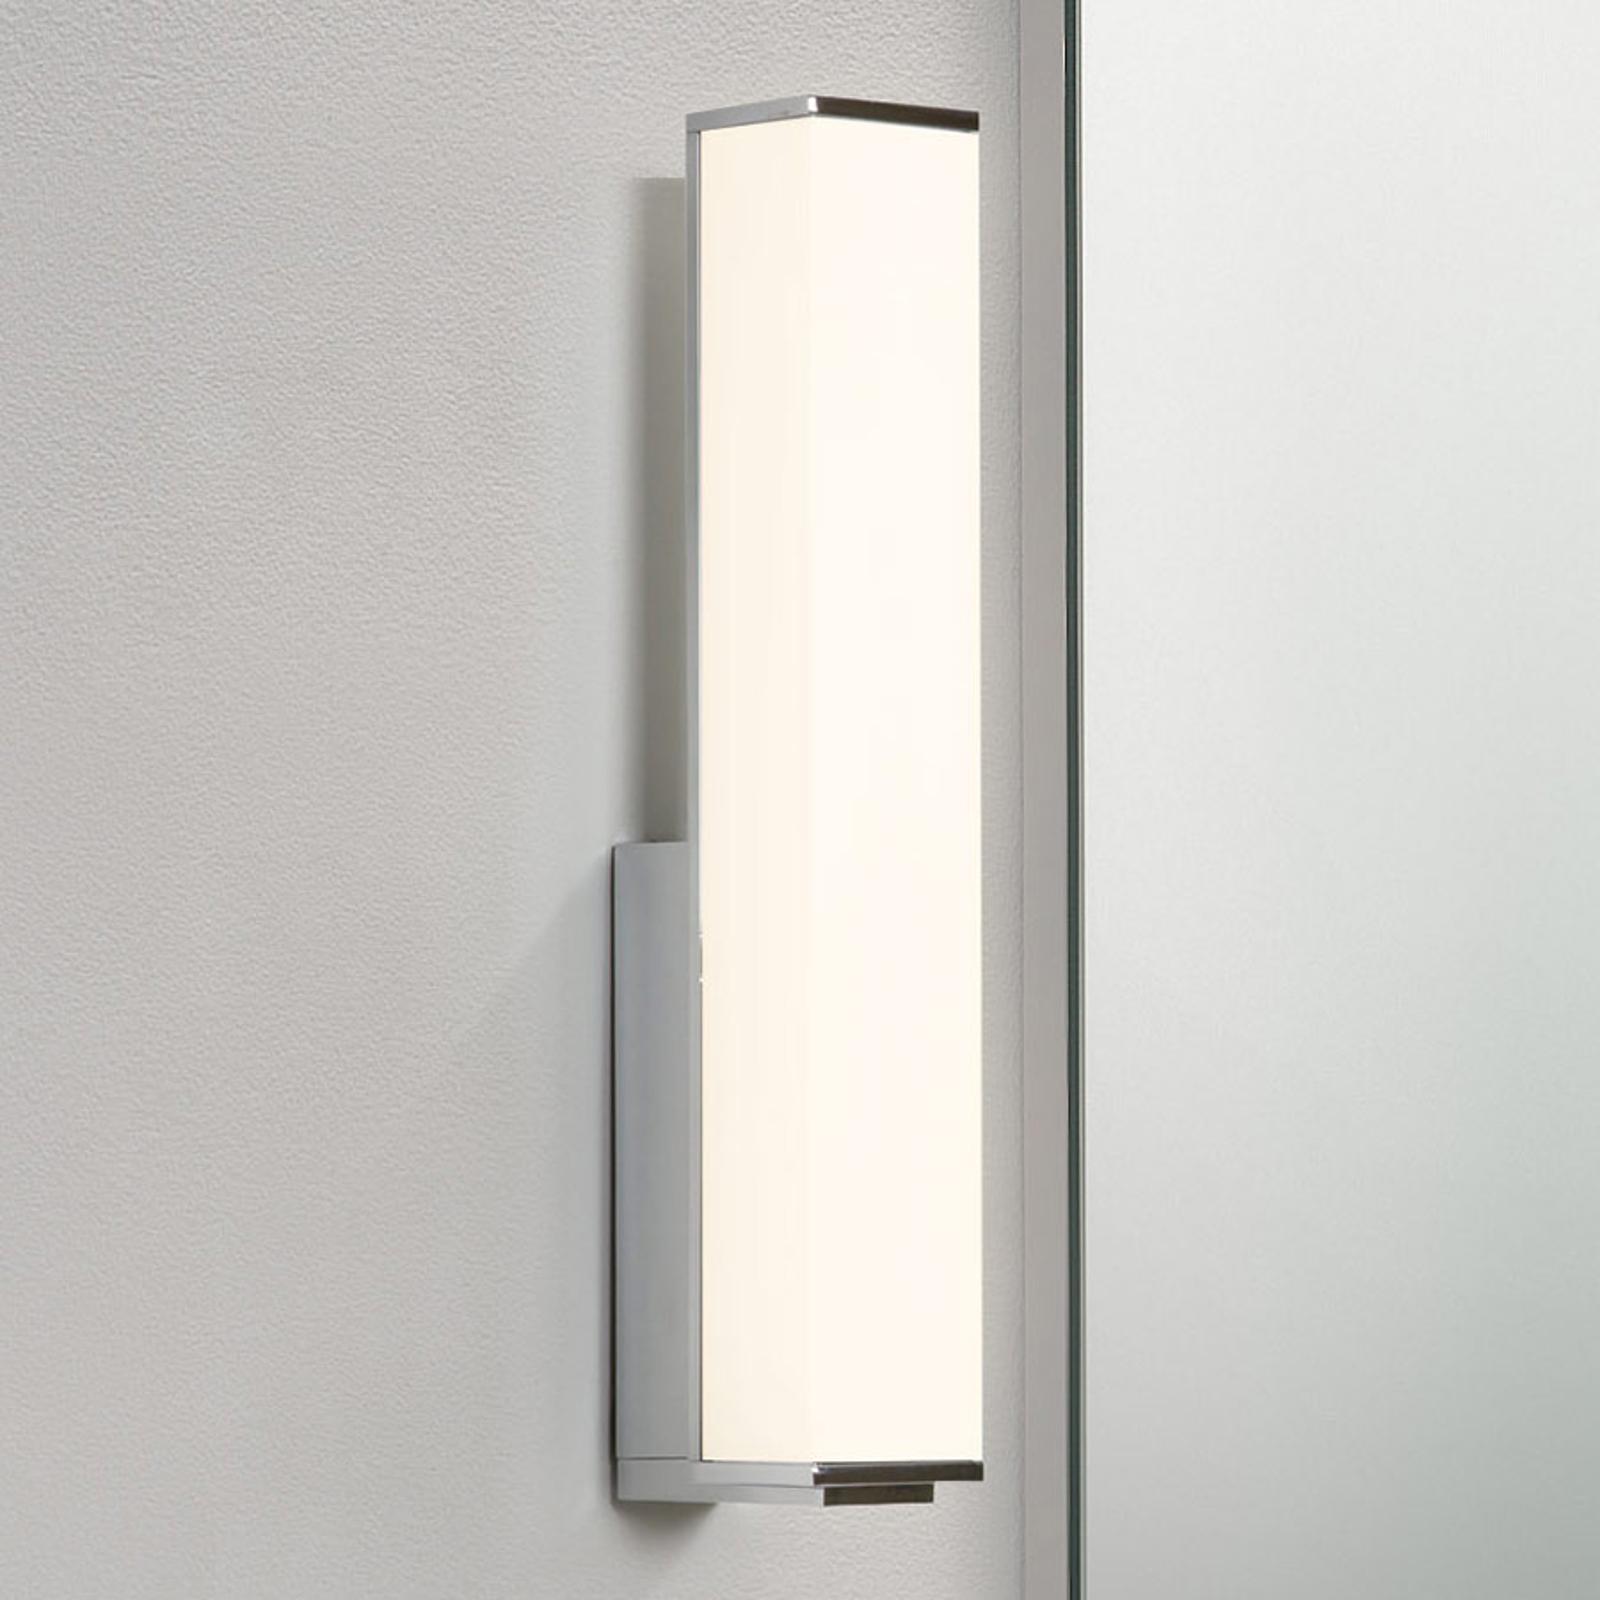 Applique pour miroir LED Karla pour salle de bain